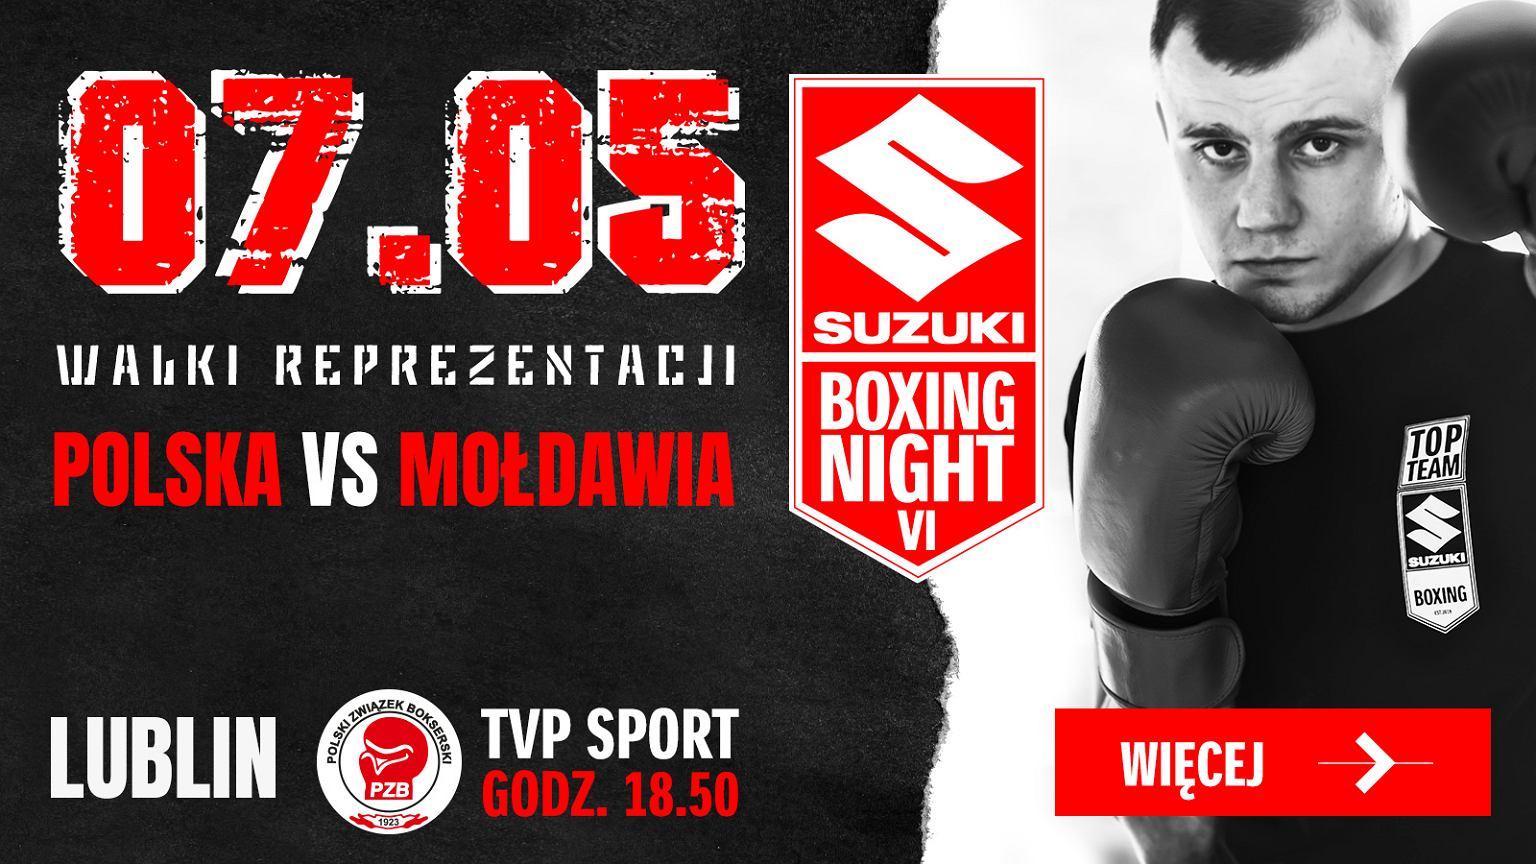 Polska zwycięża Mołdawię podczas Suzuki Boxing Night VI